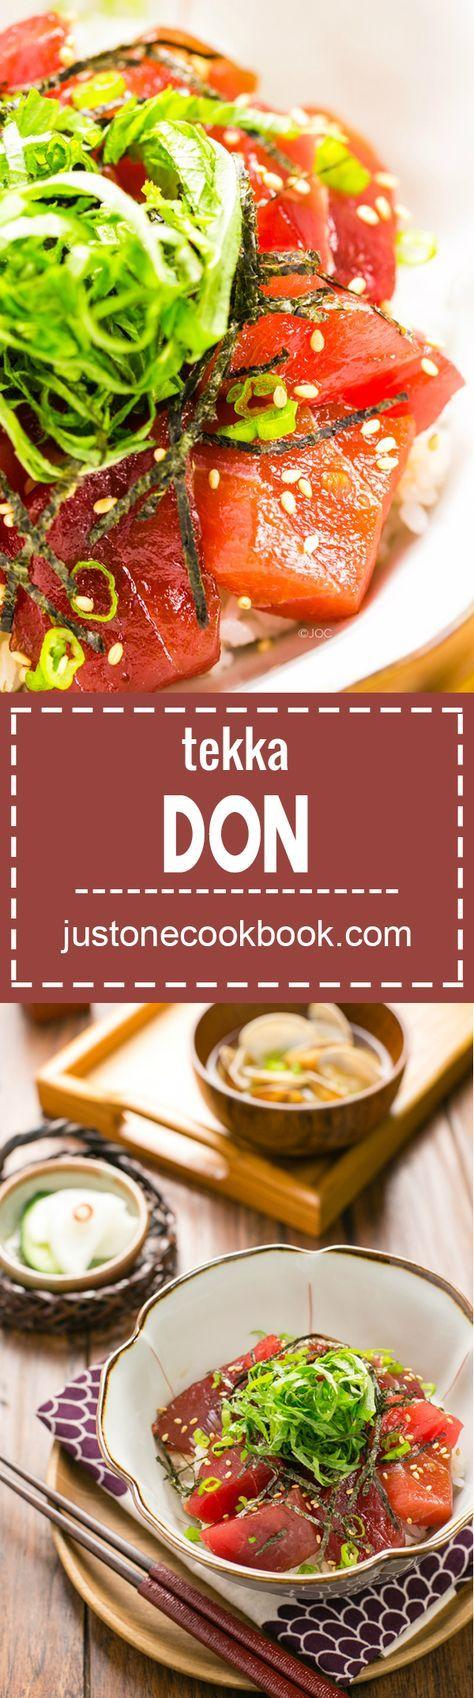 Tekka Don (Easy Tuna Bowl) 鉄火丼   Easy Japanese Recipes at http://JustOneCookbook.com